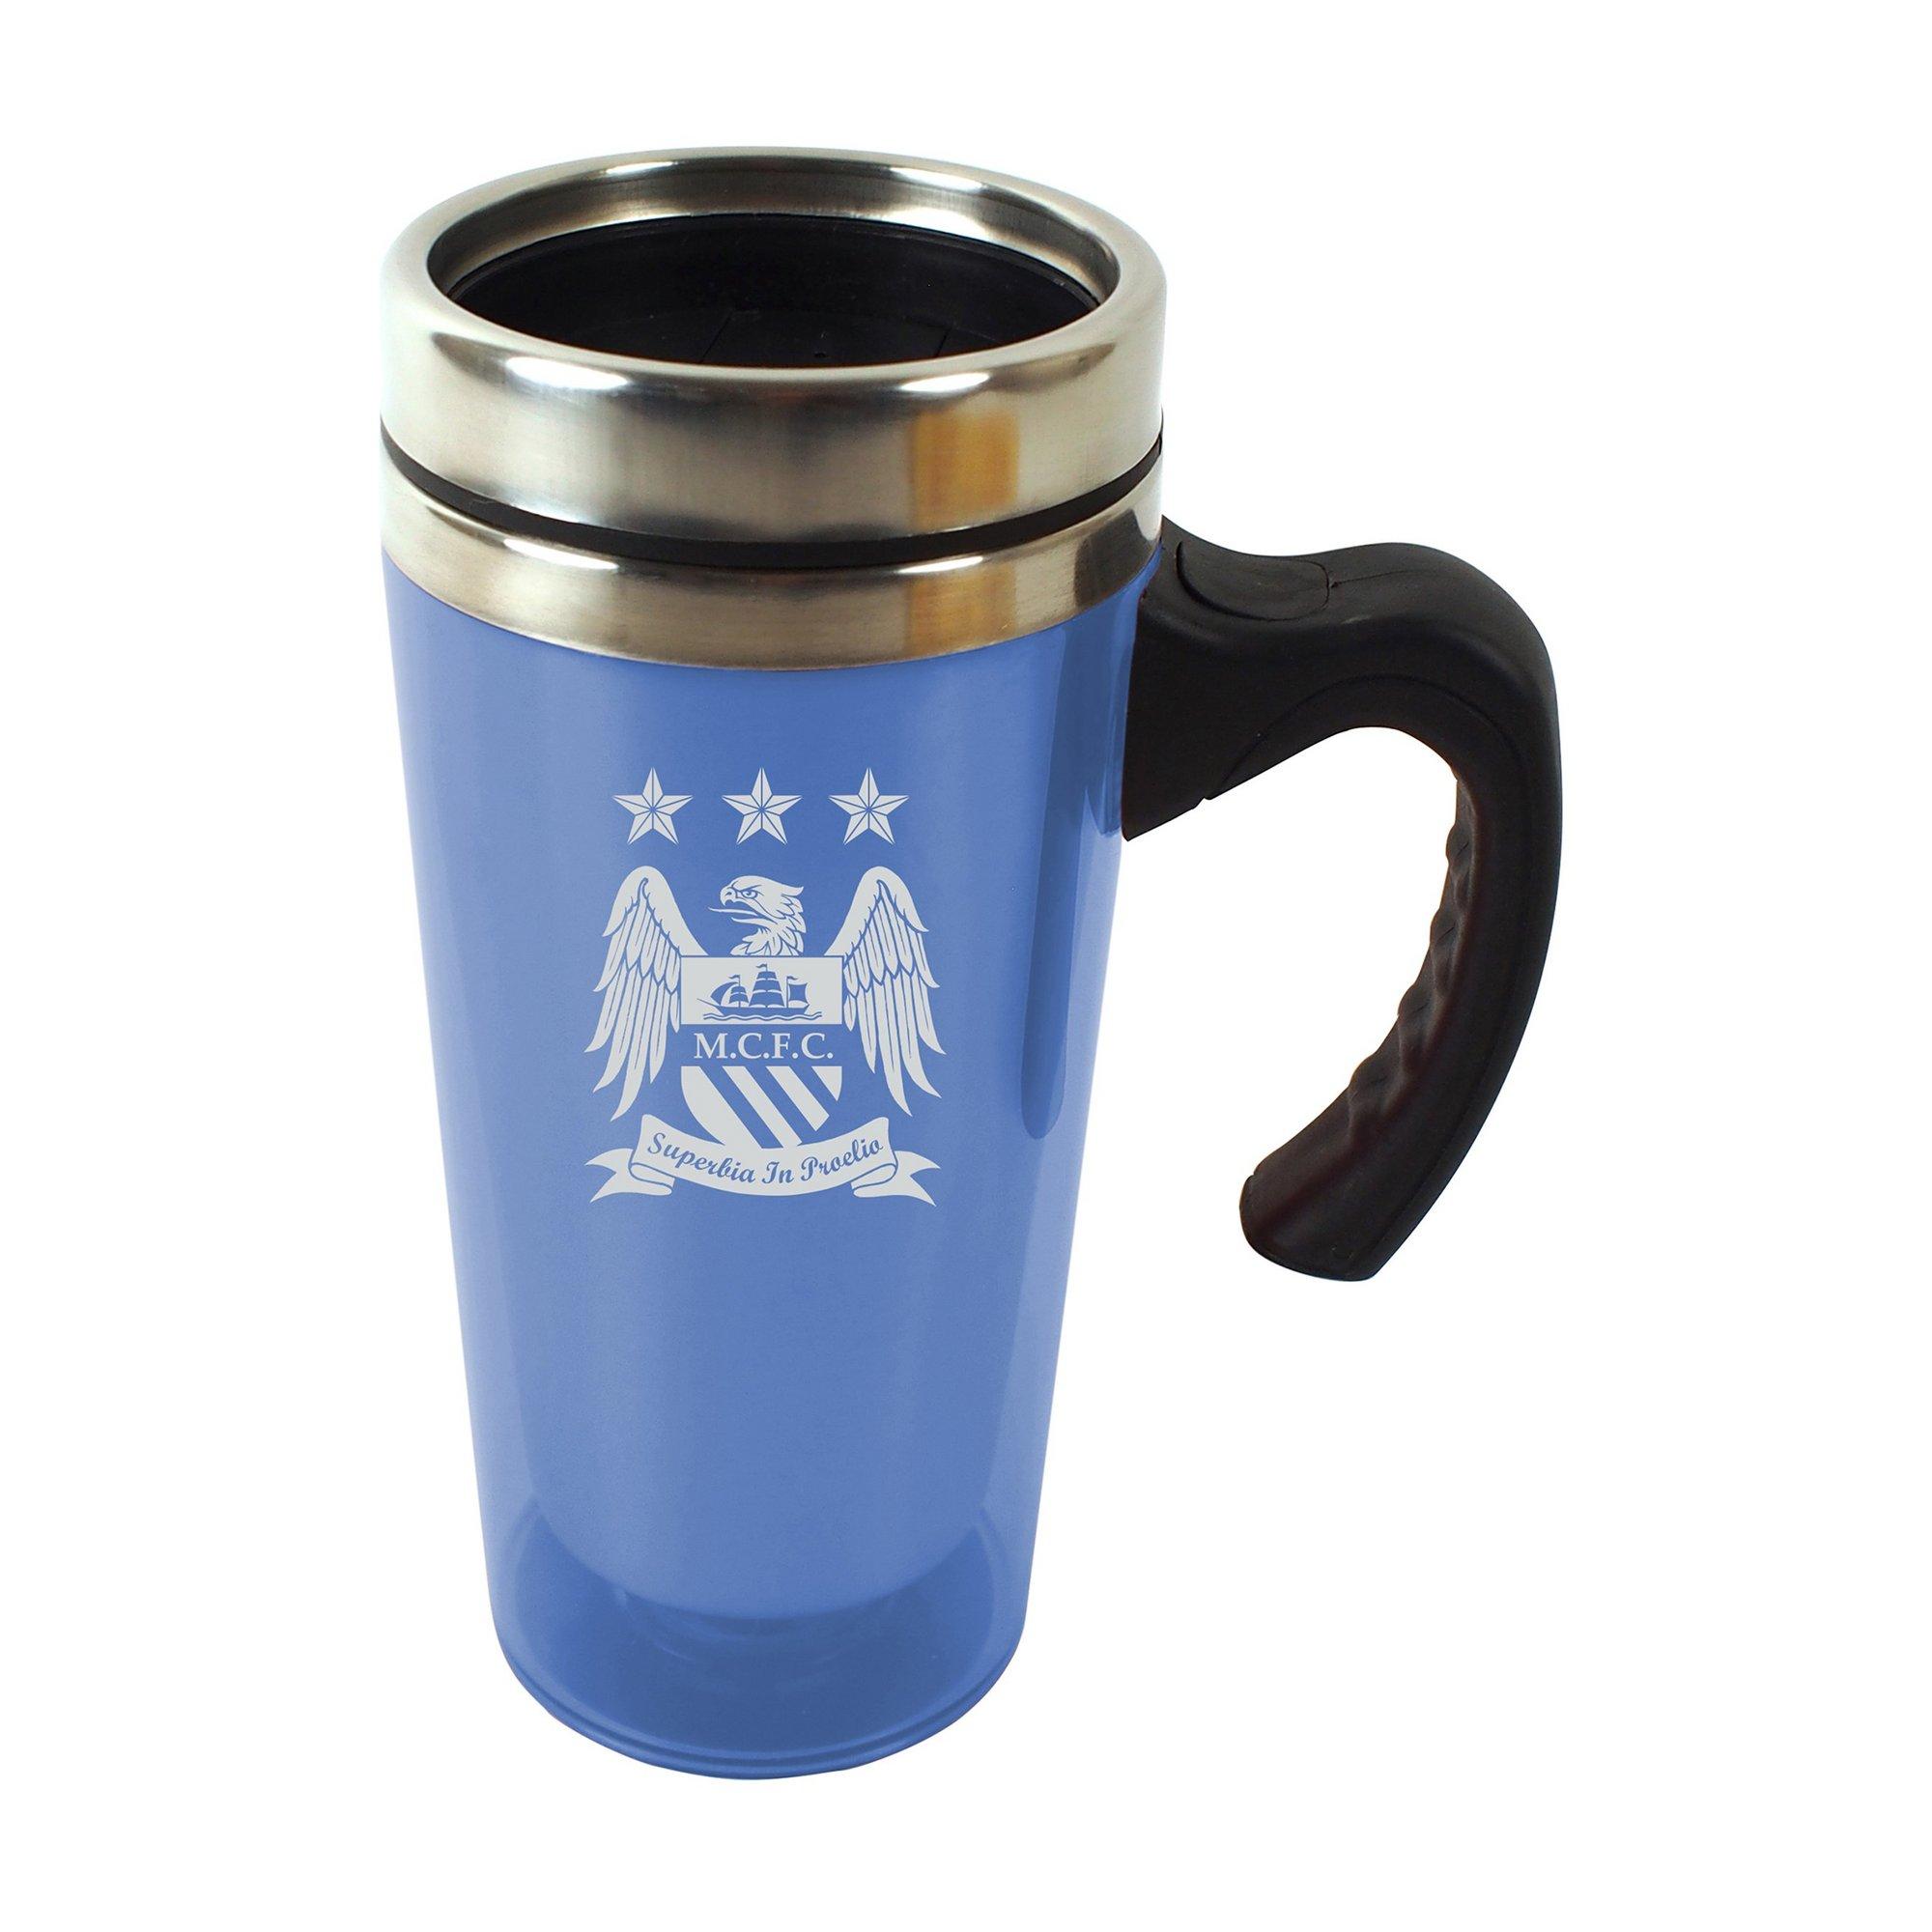 Image of Manchester City Travel Mug